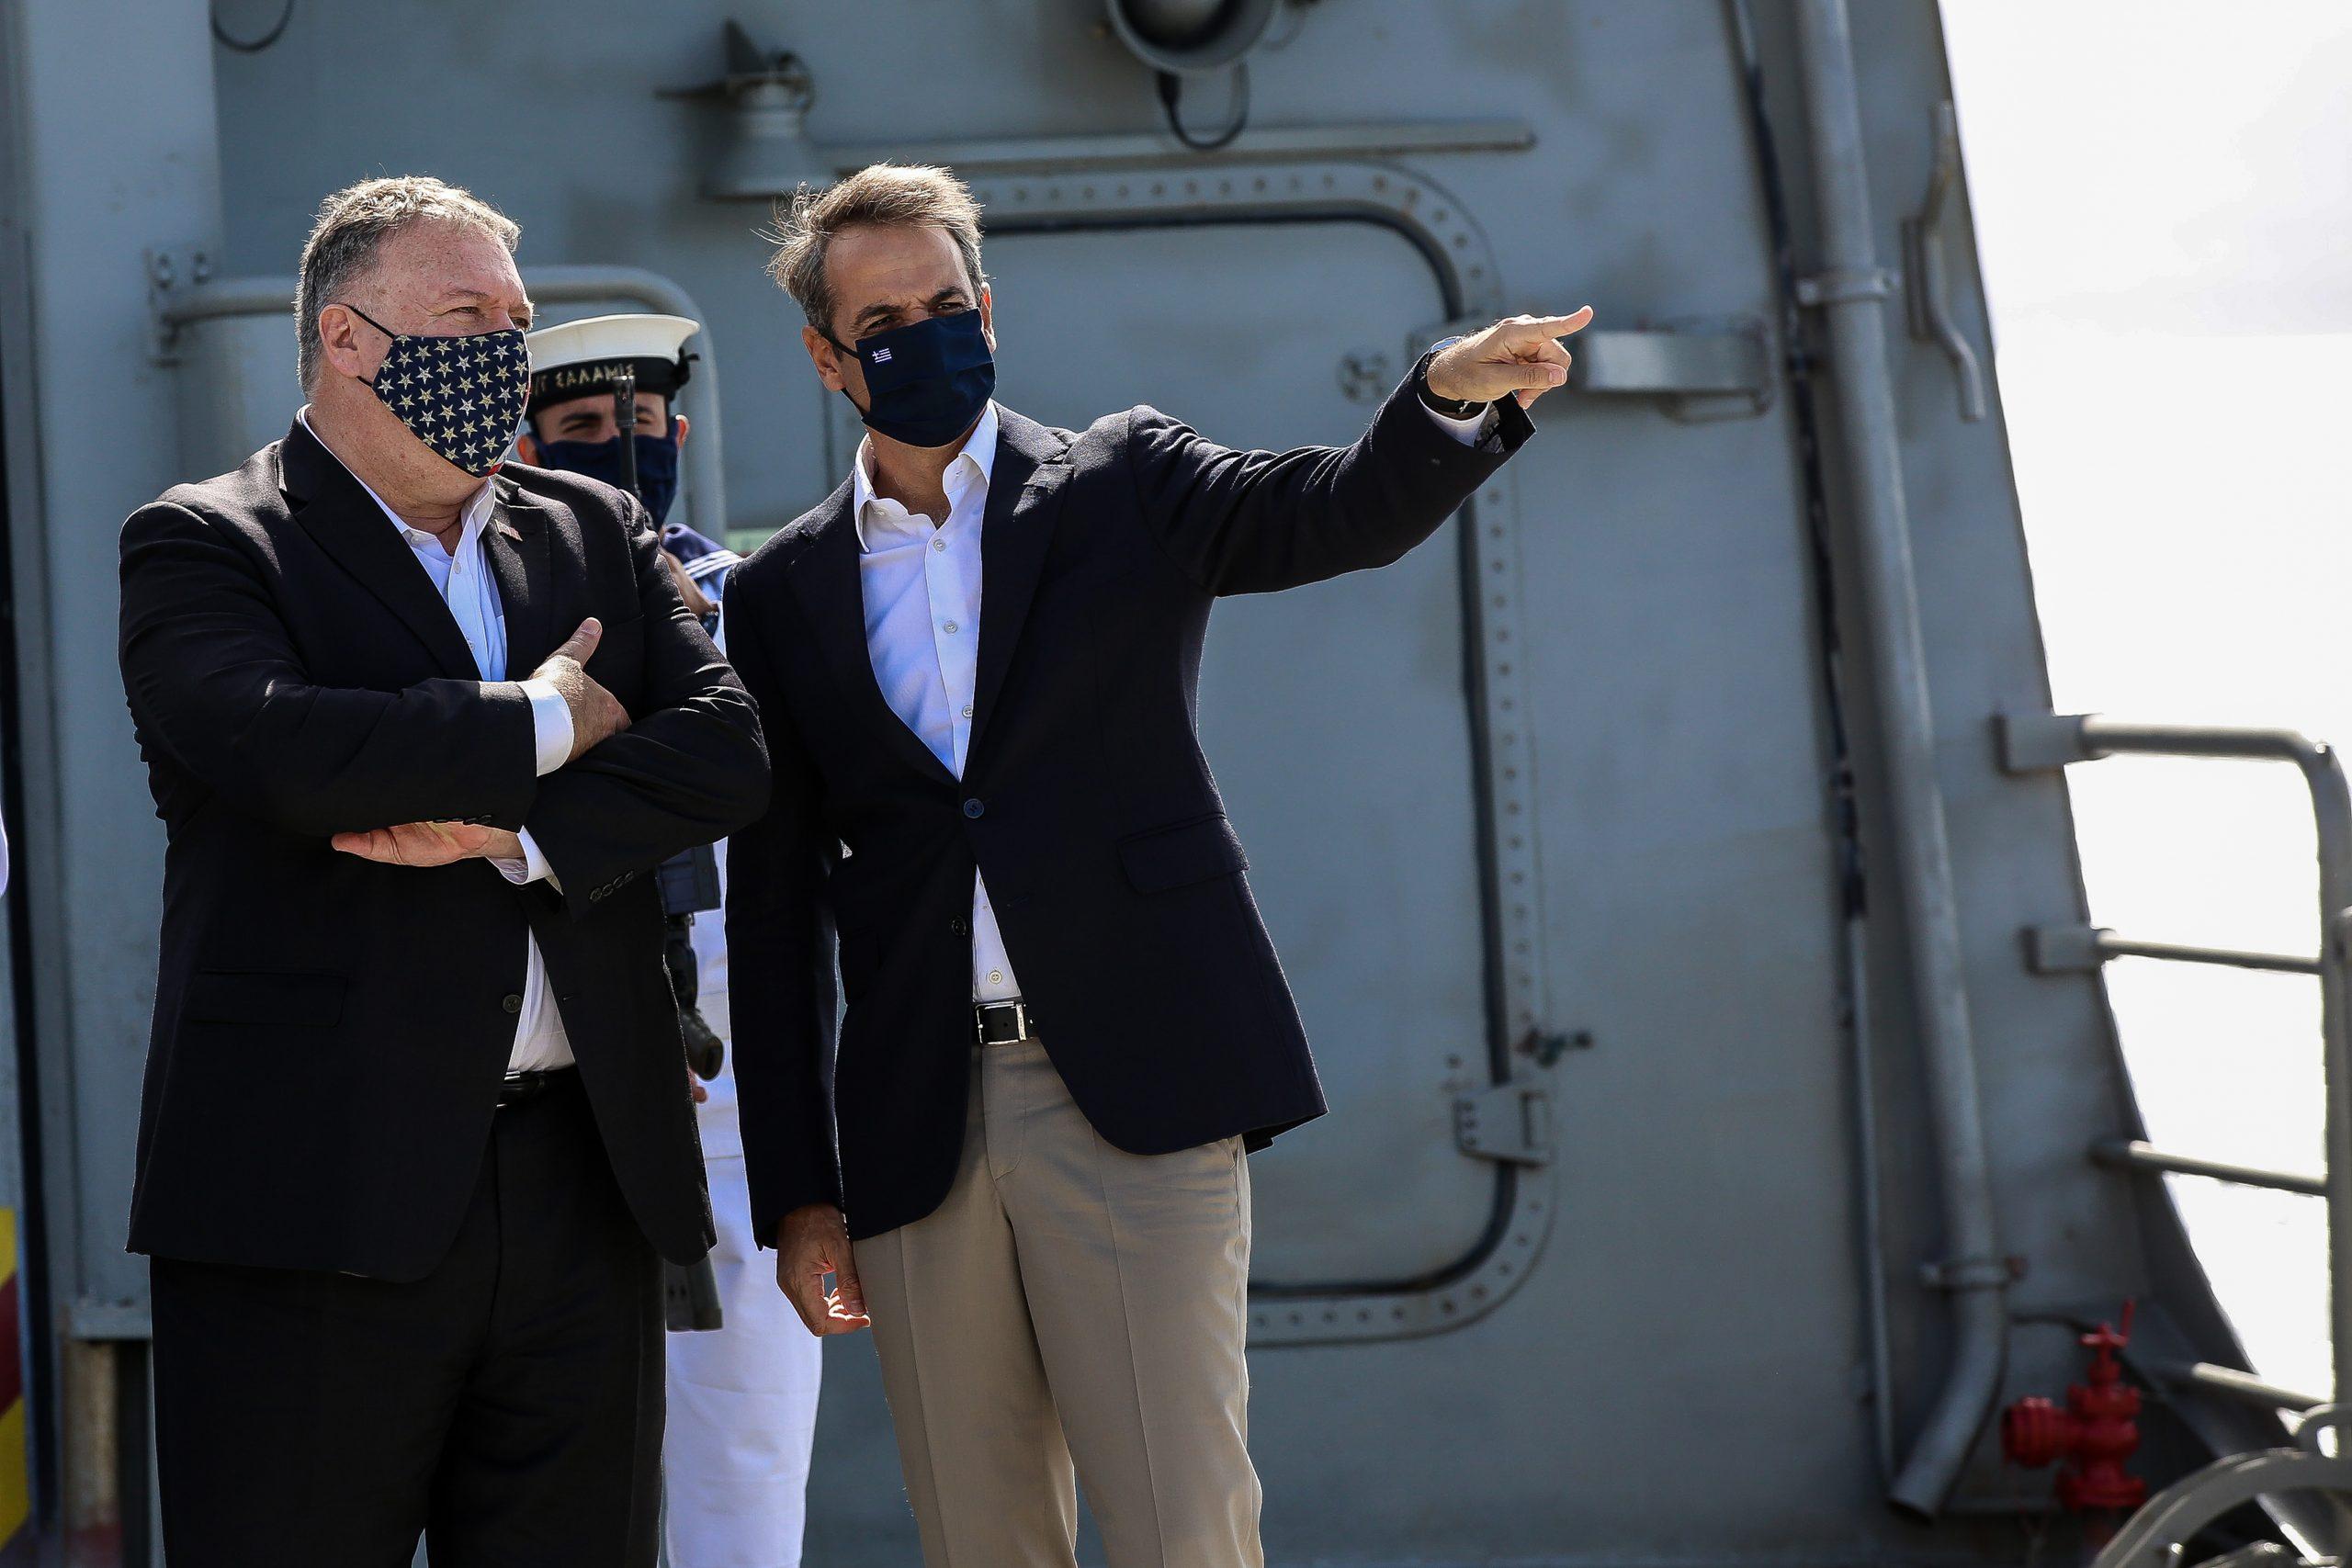 Χαστούκι από Σταύρο Λυγερό και Στρατηγό Τζούμη: Οι ΗΠΑ έμειναν έκπληκτοι που δώσαμε τα πάντα χωρίς αντάλλαγμα (Βίντεο)